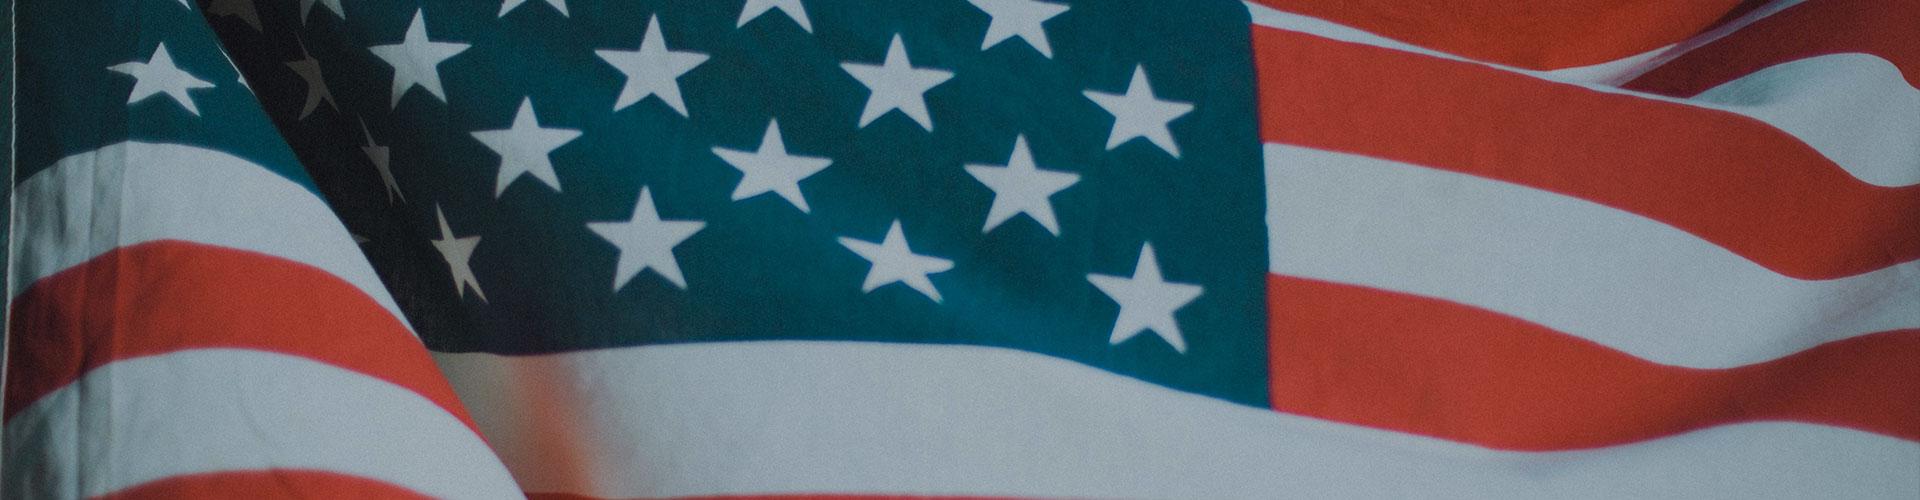 Conozca las preguntas y respuestas del Examen de Ciudadanía de los Estados Unidos - Parte 3